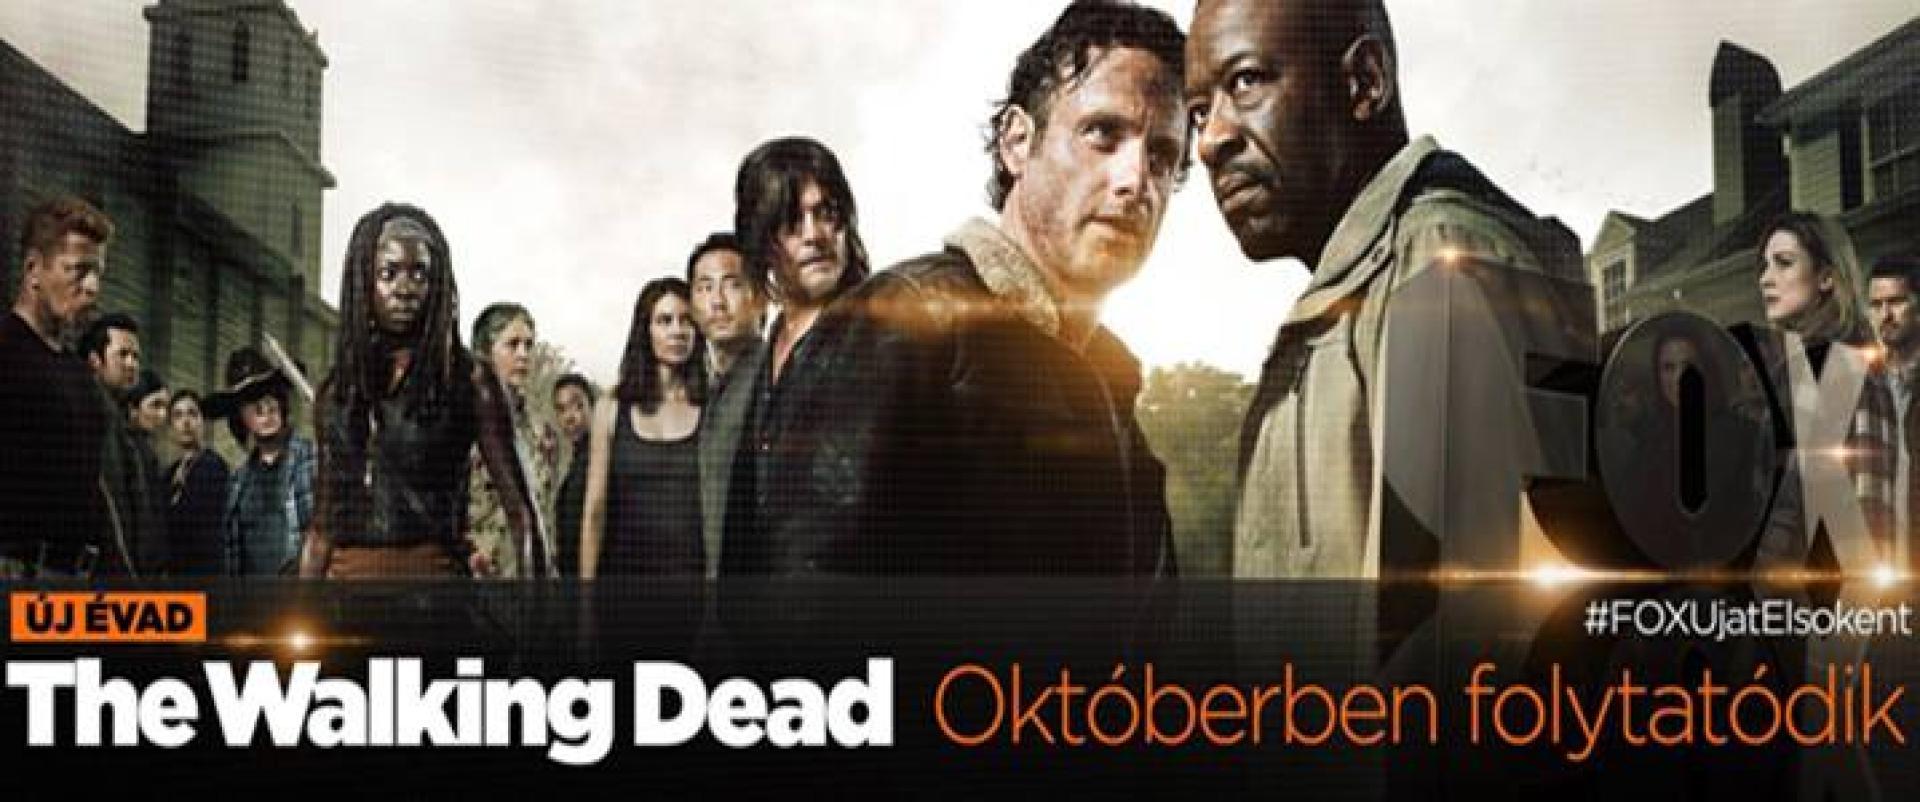 The Walking Dead S06E02